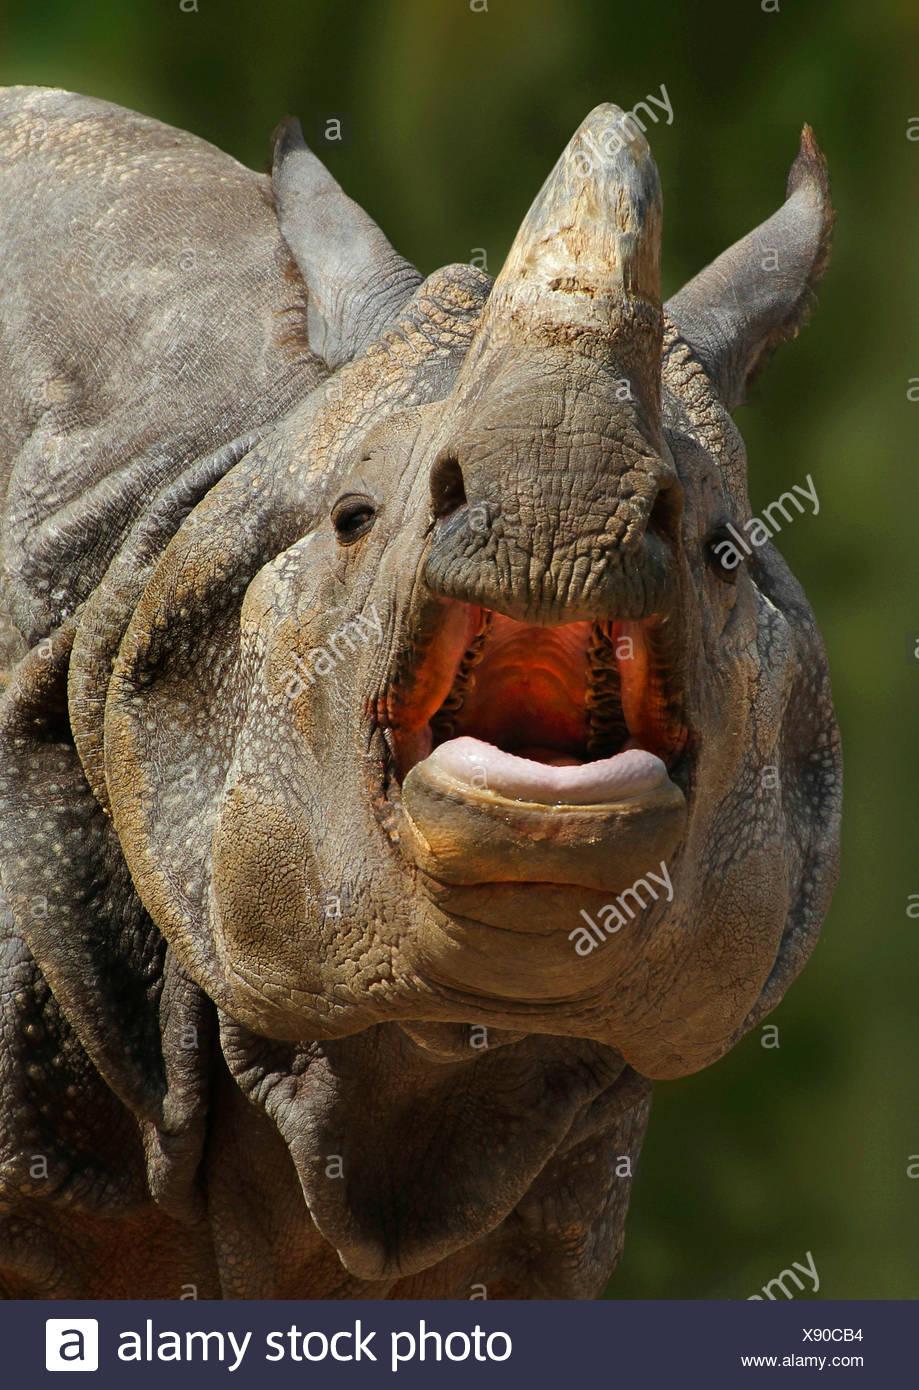 Mayor rinoceronte indio, gran océano de un cuerno (Rhinoceros unicornis), retrato con la boca abierta, India Imagen De Stock